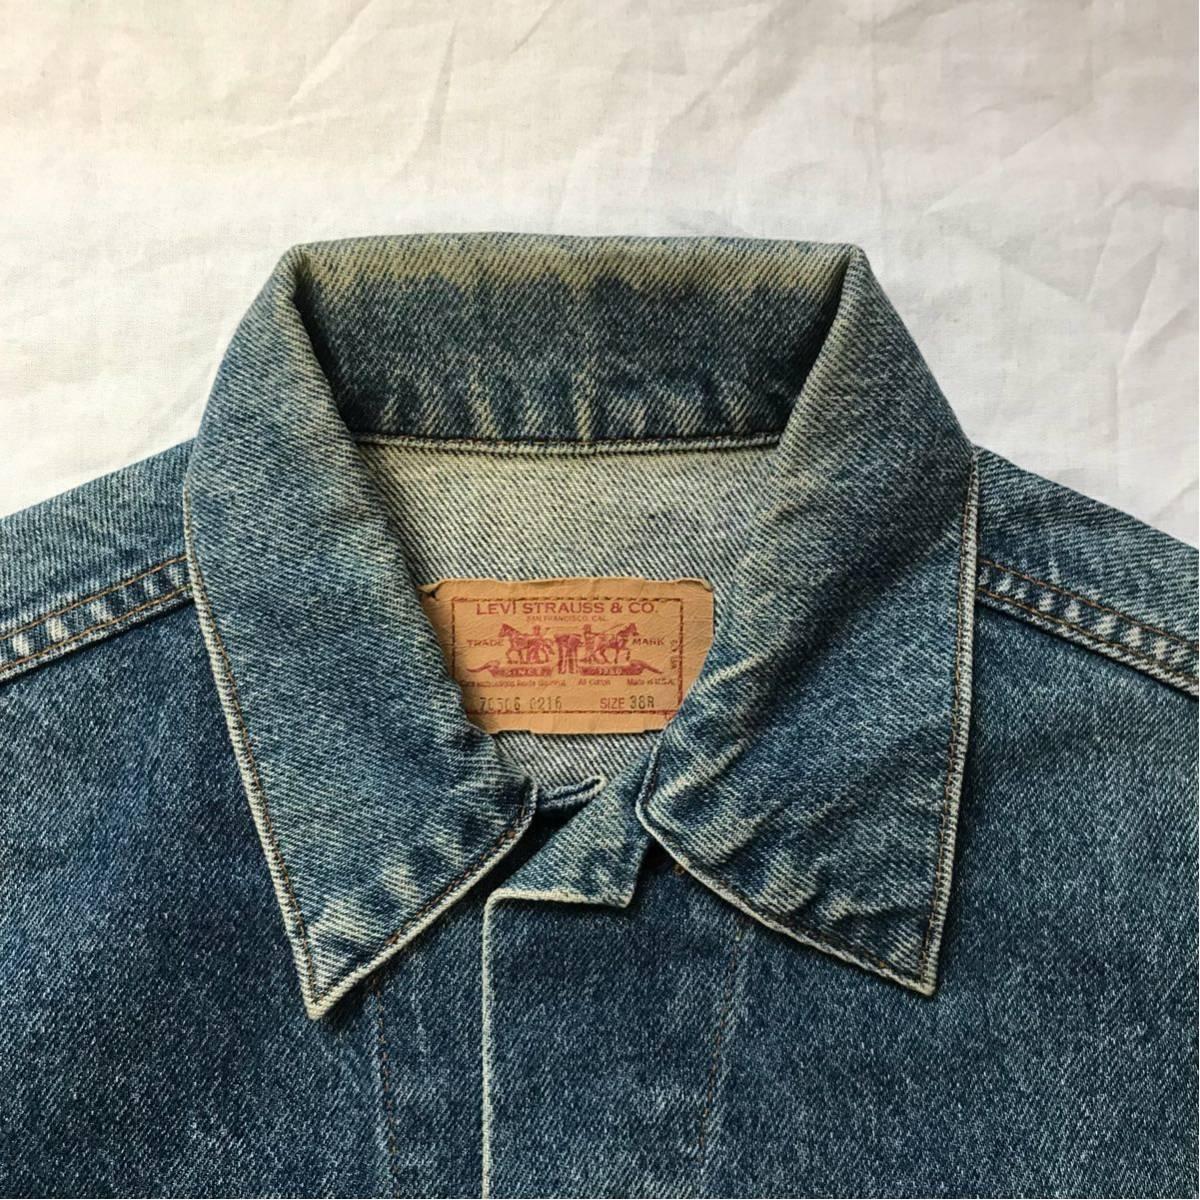 80s levis 70506 ビンテージデニムジャケット ヴィンテージ Gジャン ジージャン Levi''s リーバイス アメリカ製 made in USA 80年代_画像3